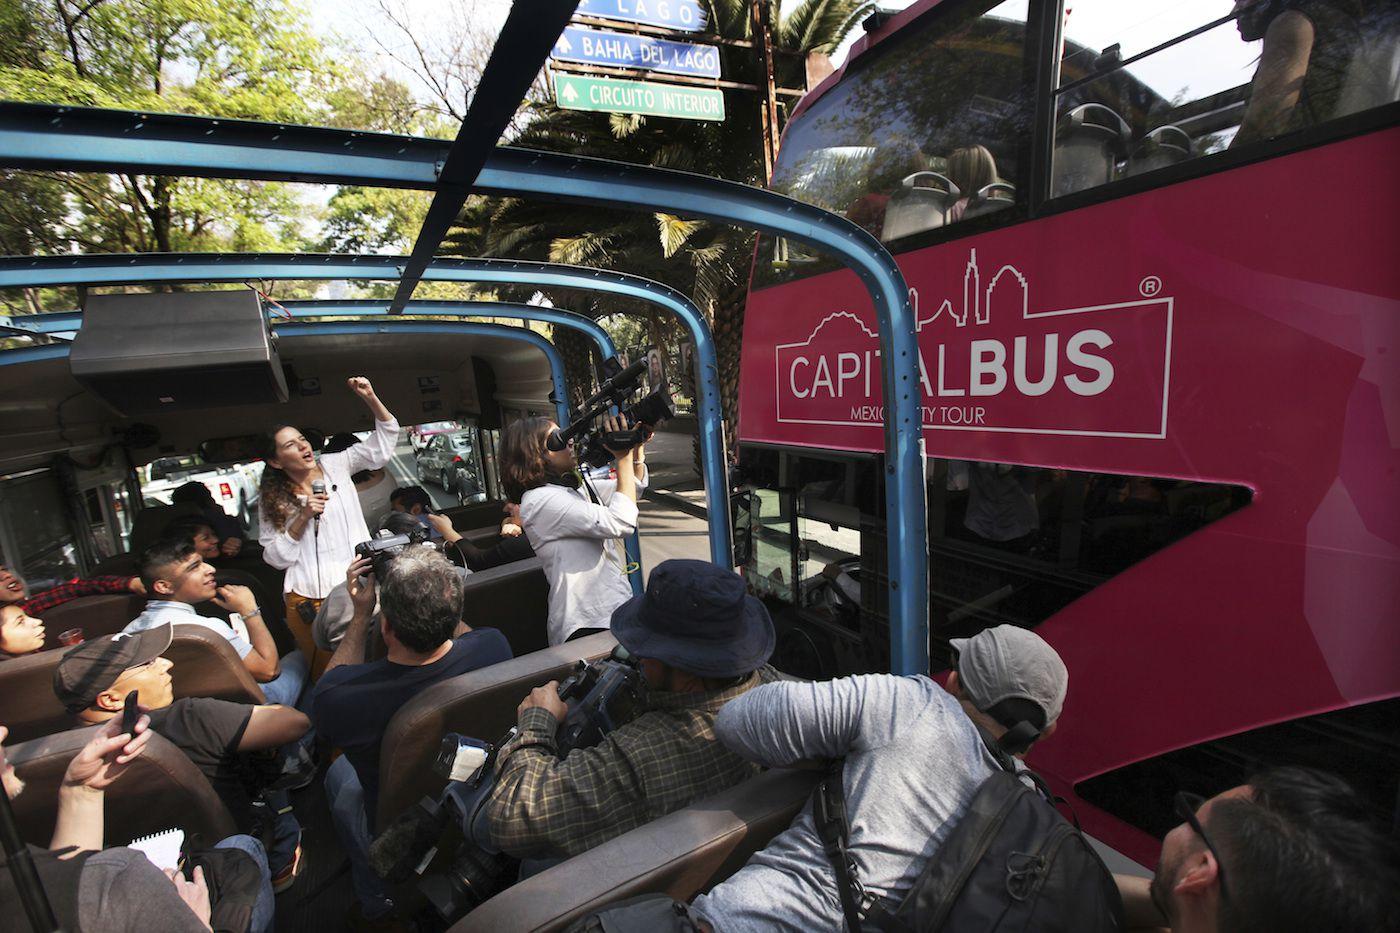 """El autobús del Corruptour pasa por las calles de la Ciudad de México el domingo 5 de febrero de 2017. Se trata de la más reciente adición a los recorridos en autobuses turísticos que pasean por la Ciudad de México: El Corruptour, que en vez de llevar a sus usuarios a plazas históricas e iglesias, coloca una luz poco halagadora al turbio mundo de los chanchullos mexicanos. También invita a los peatones y a los choferes que los ven pasar a gritar """"¡No más corrupción!"""". (Foto AP/Marco Ugarte)"""